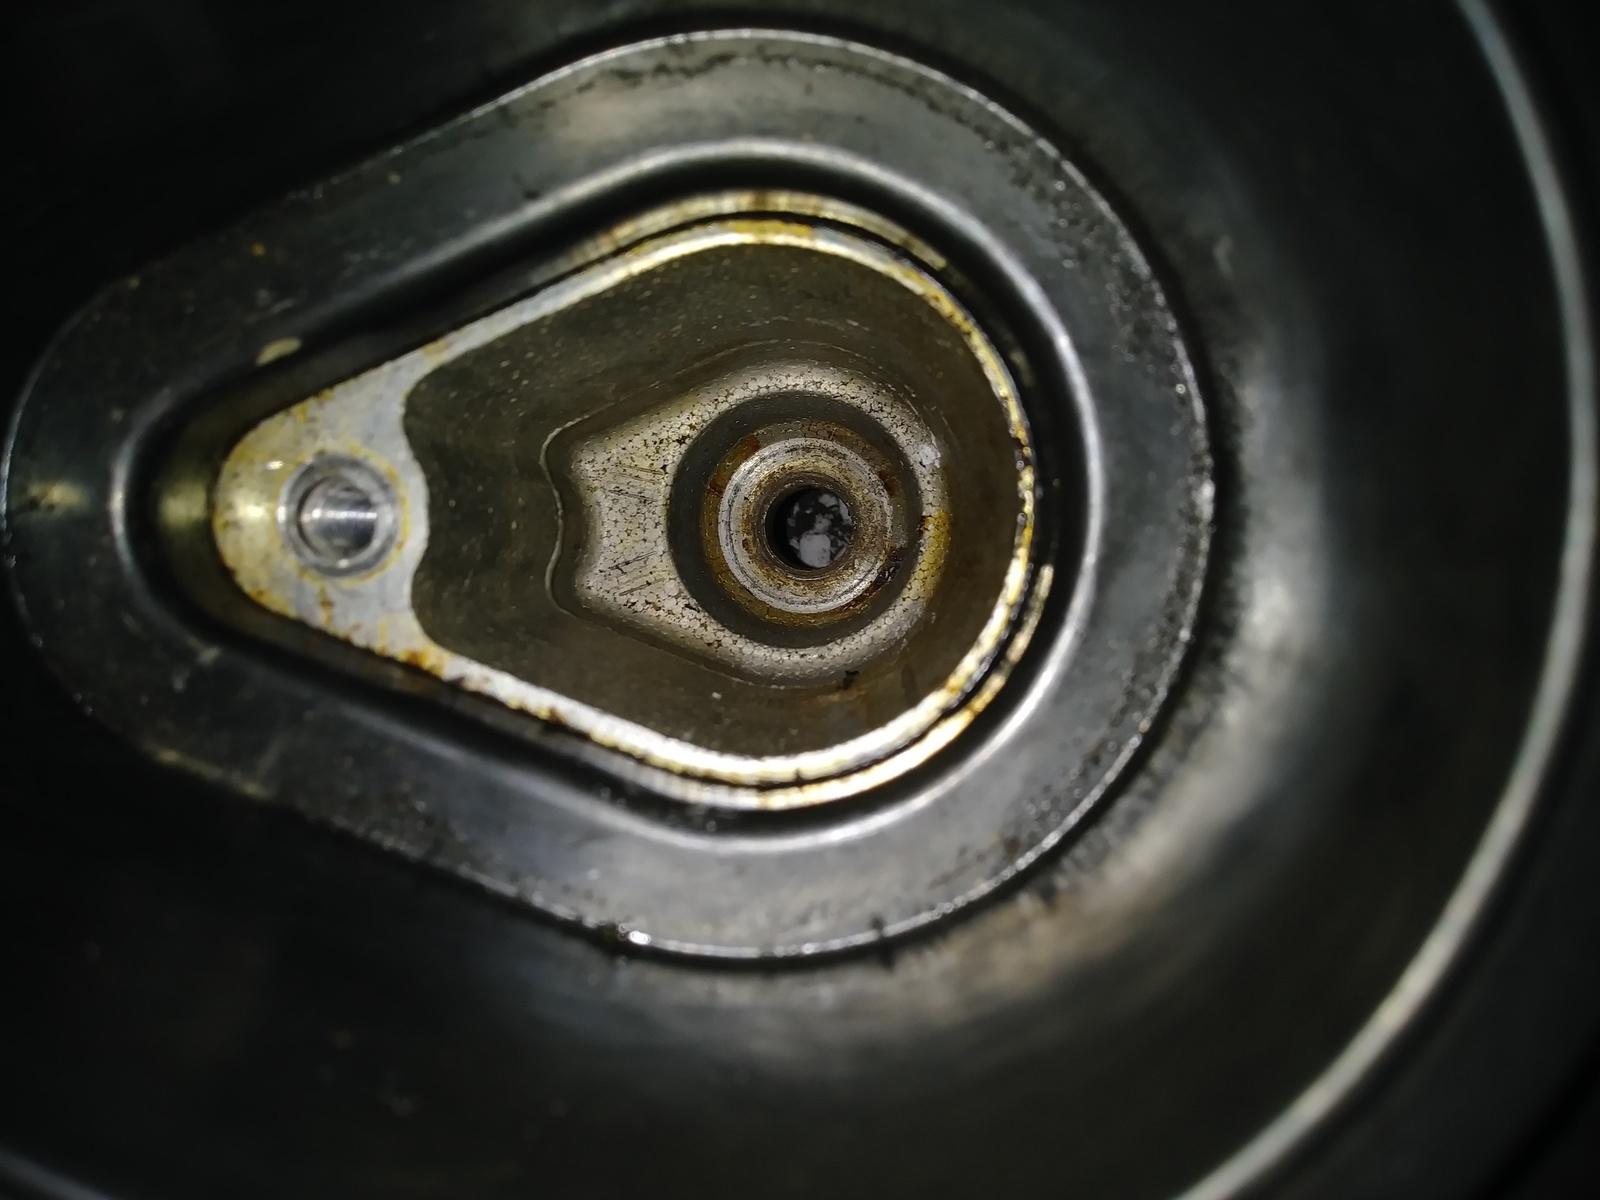 Chevrolet TrailBlazer Questions - Spark plug broke in hole - CarGurus